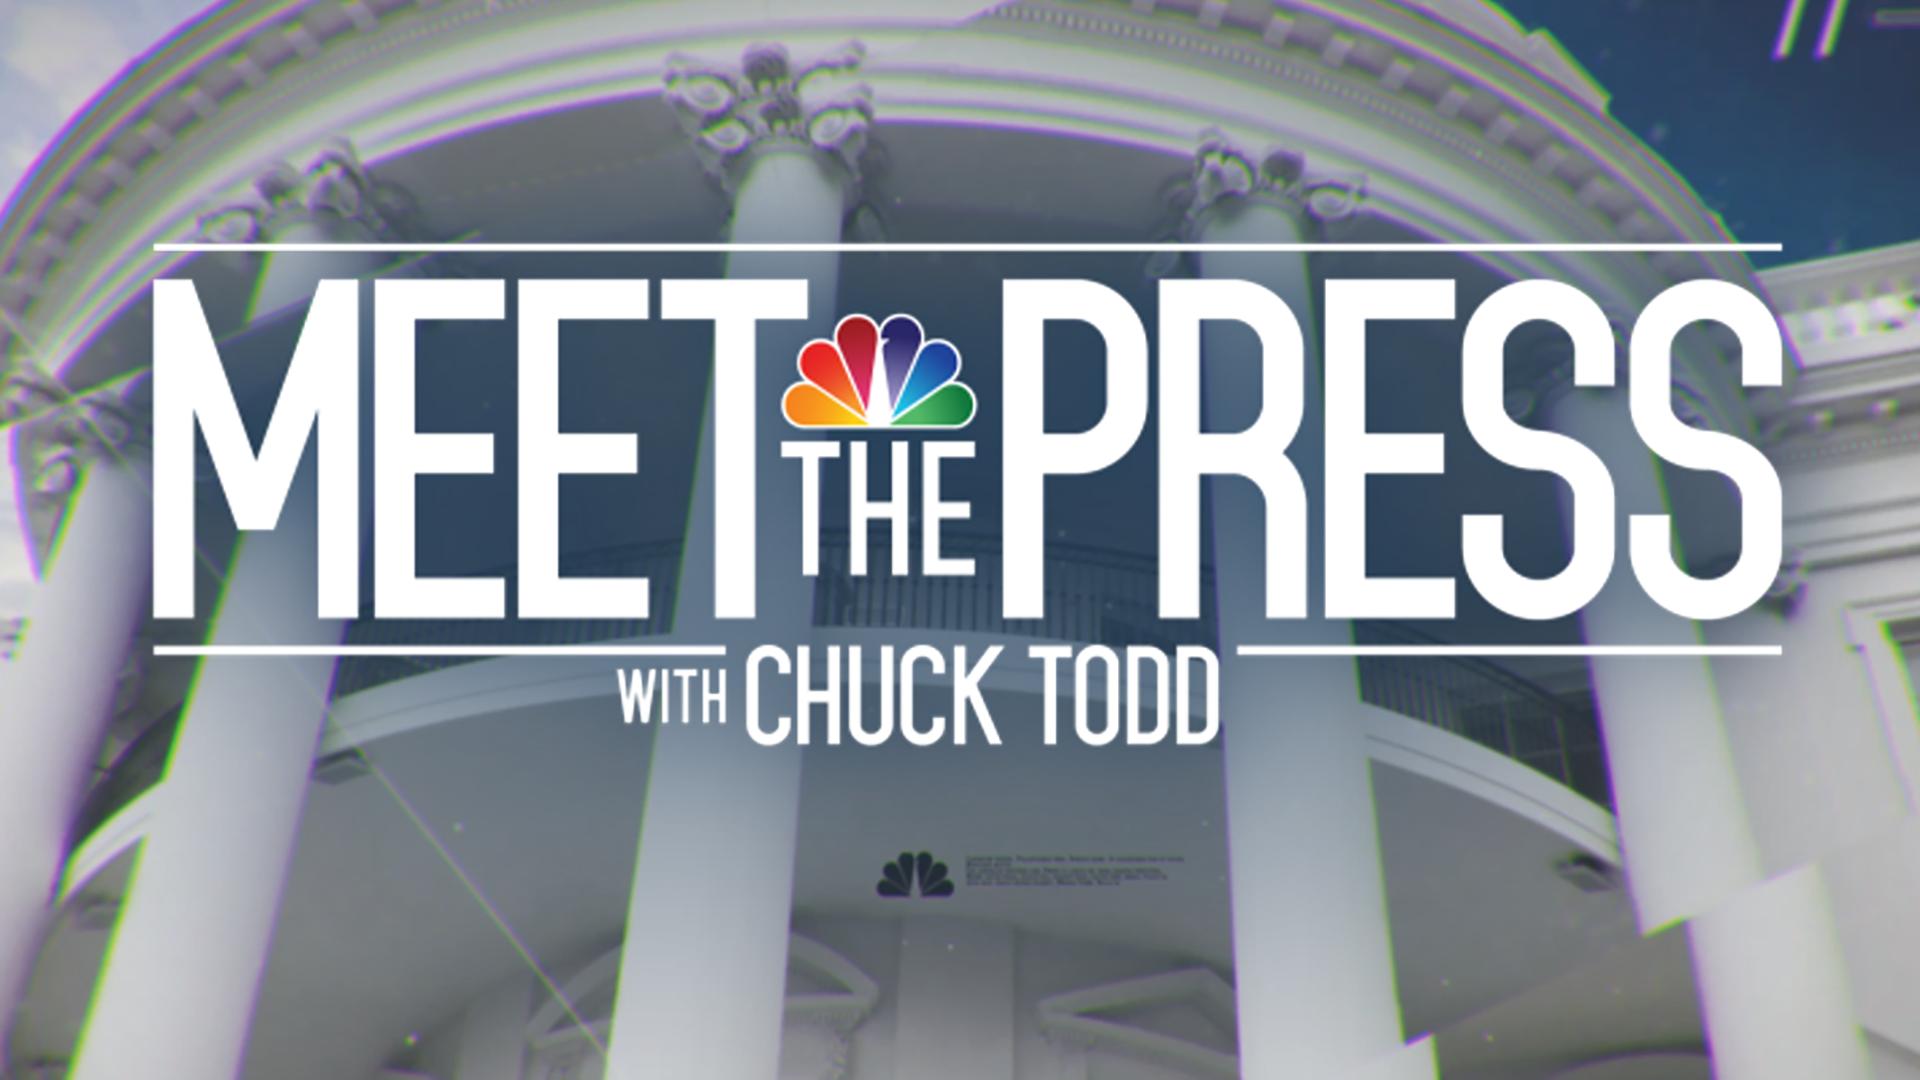 Meet the Press - June 3, 2018